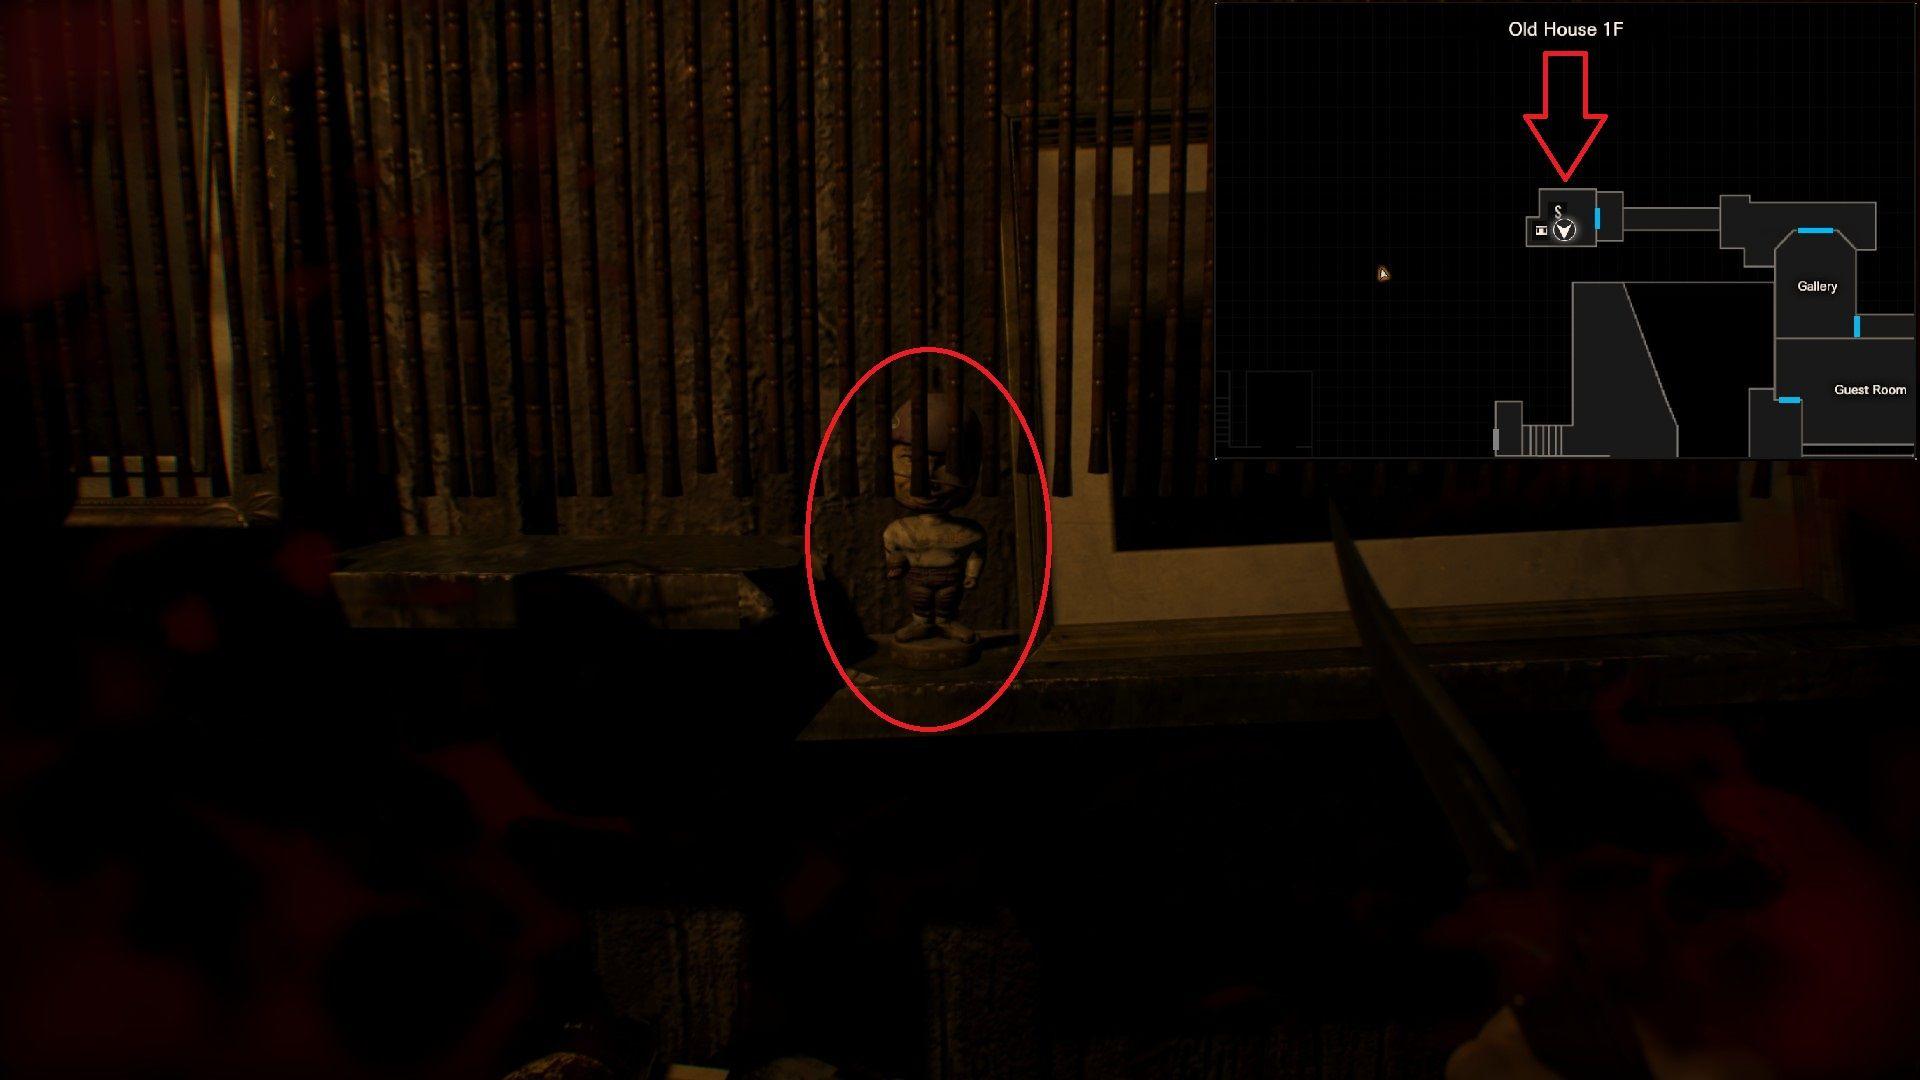 Resident Evil 7 Biohazard All Mr Everywhere Statuette